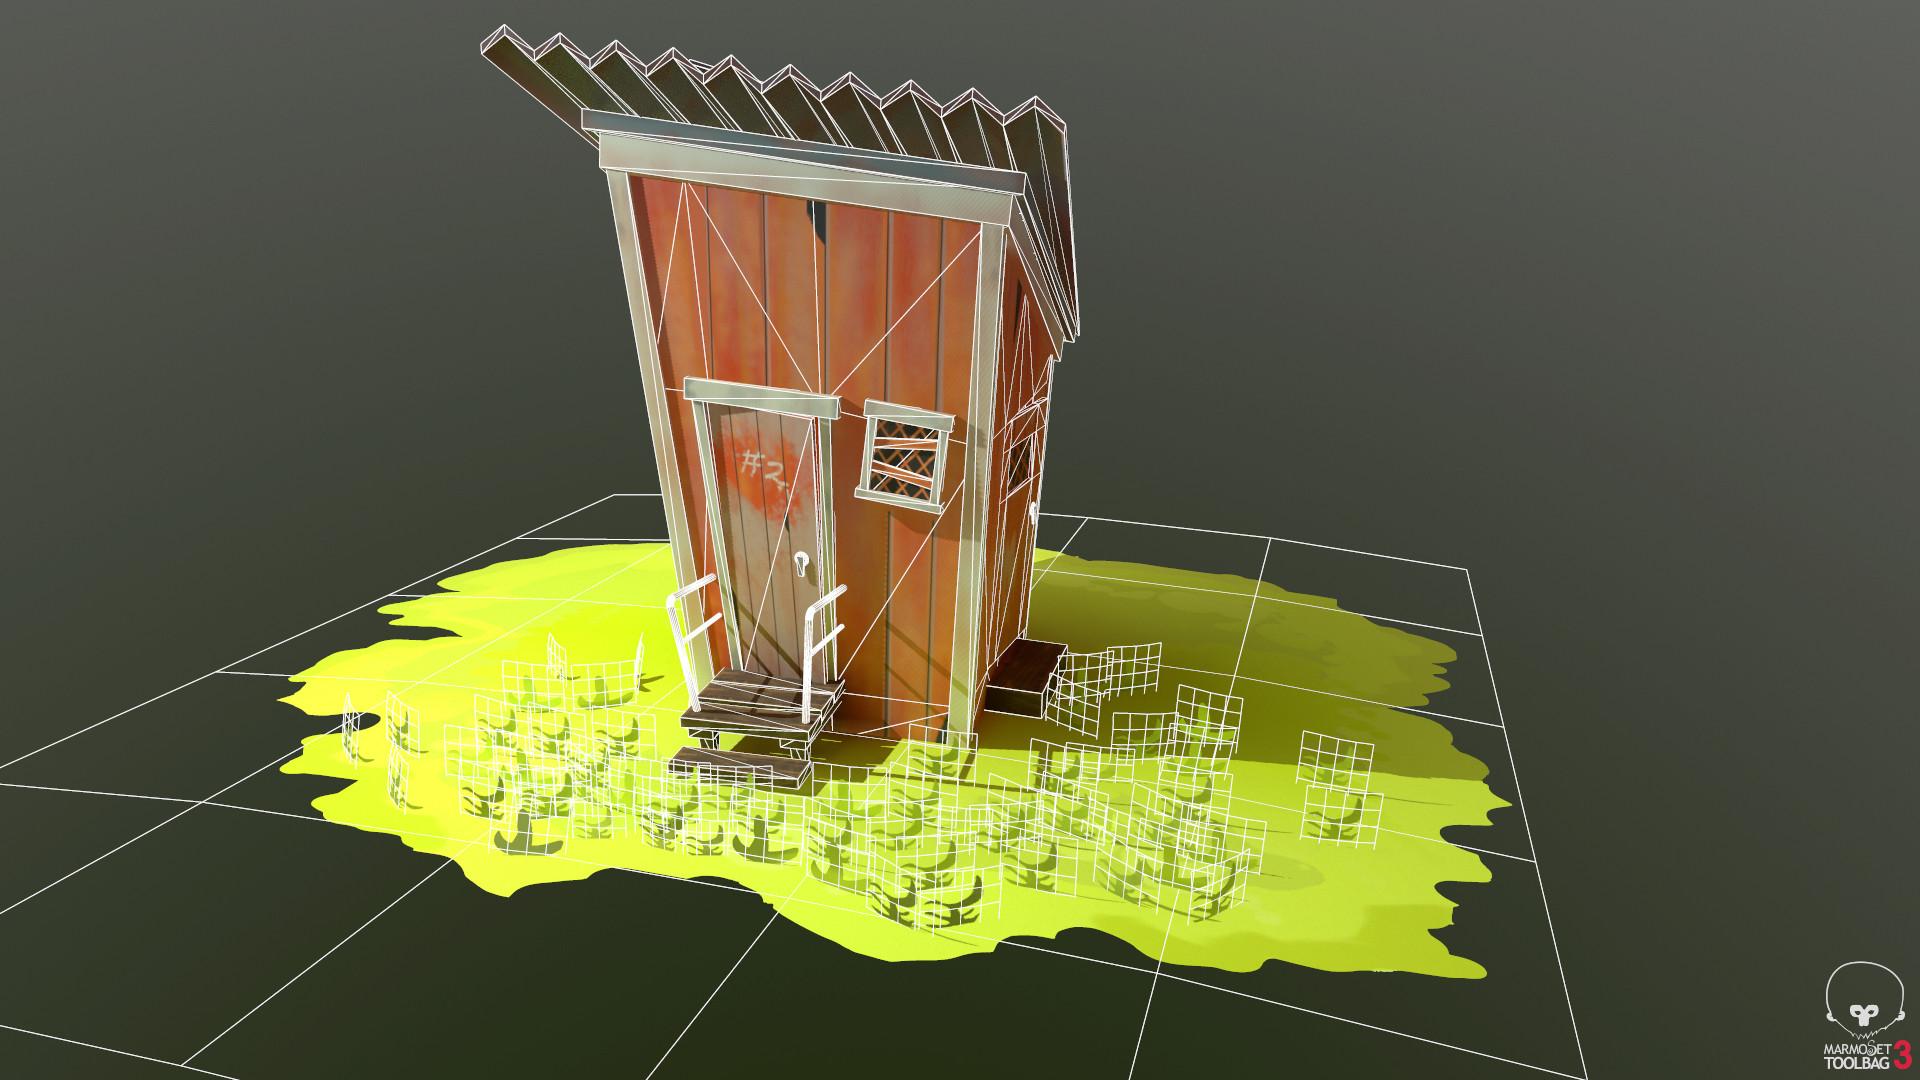 ArtStation - Stylized Hut(low Poly), Yomi Dipo-Ayeni